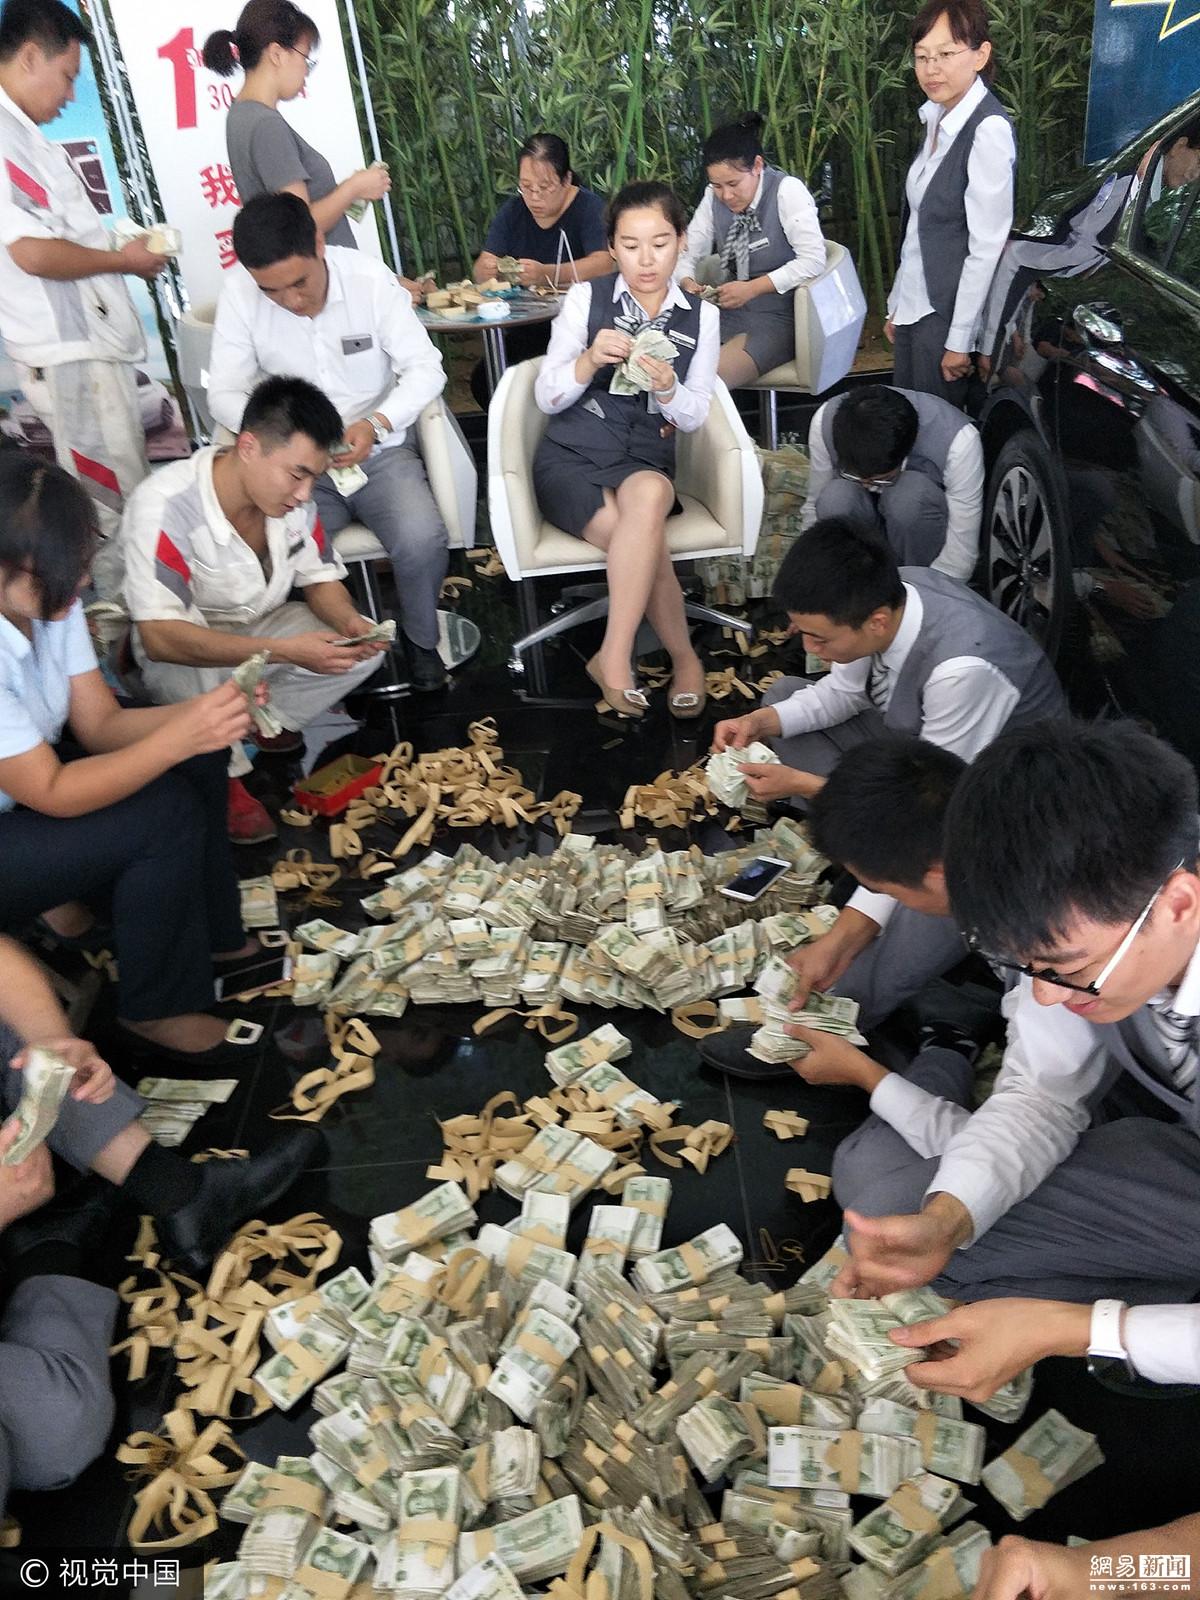 女子带4麻袋零钱买车 员工数钱数到手抽筋 - 周公乐 - xinhua8848 的博客